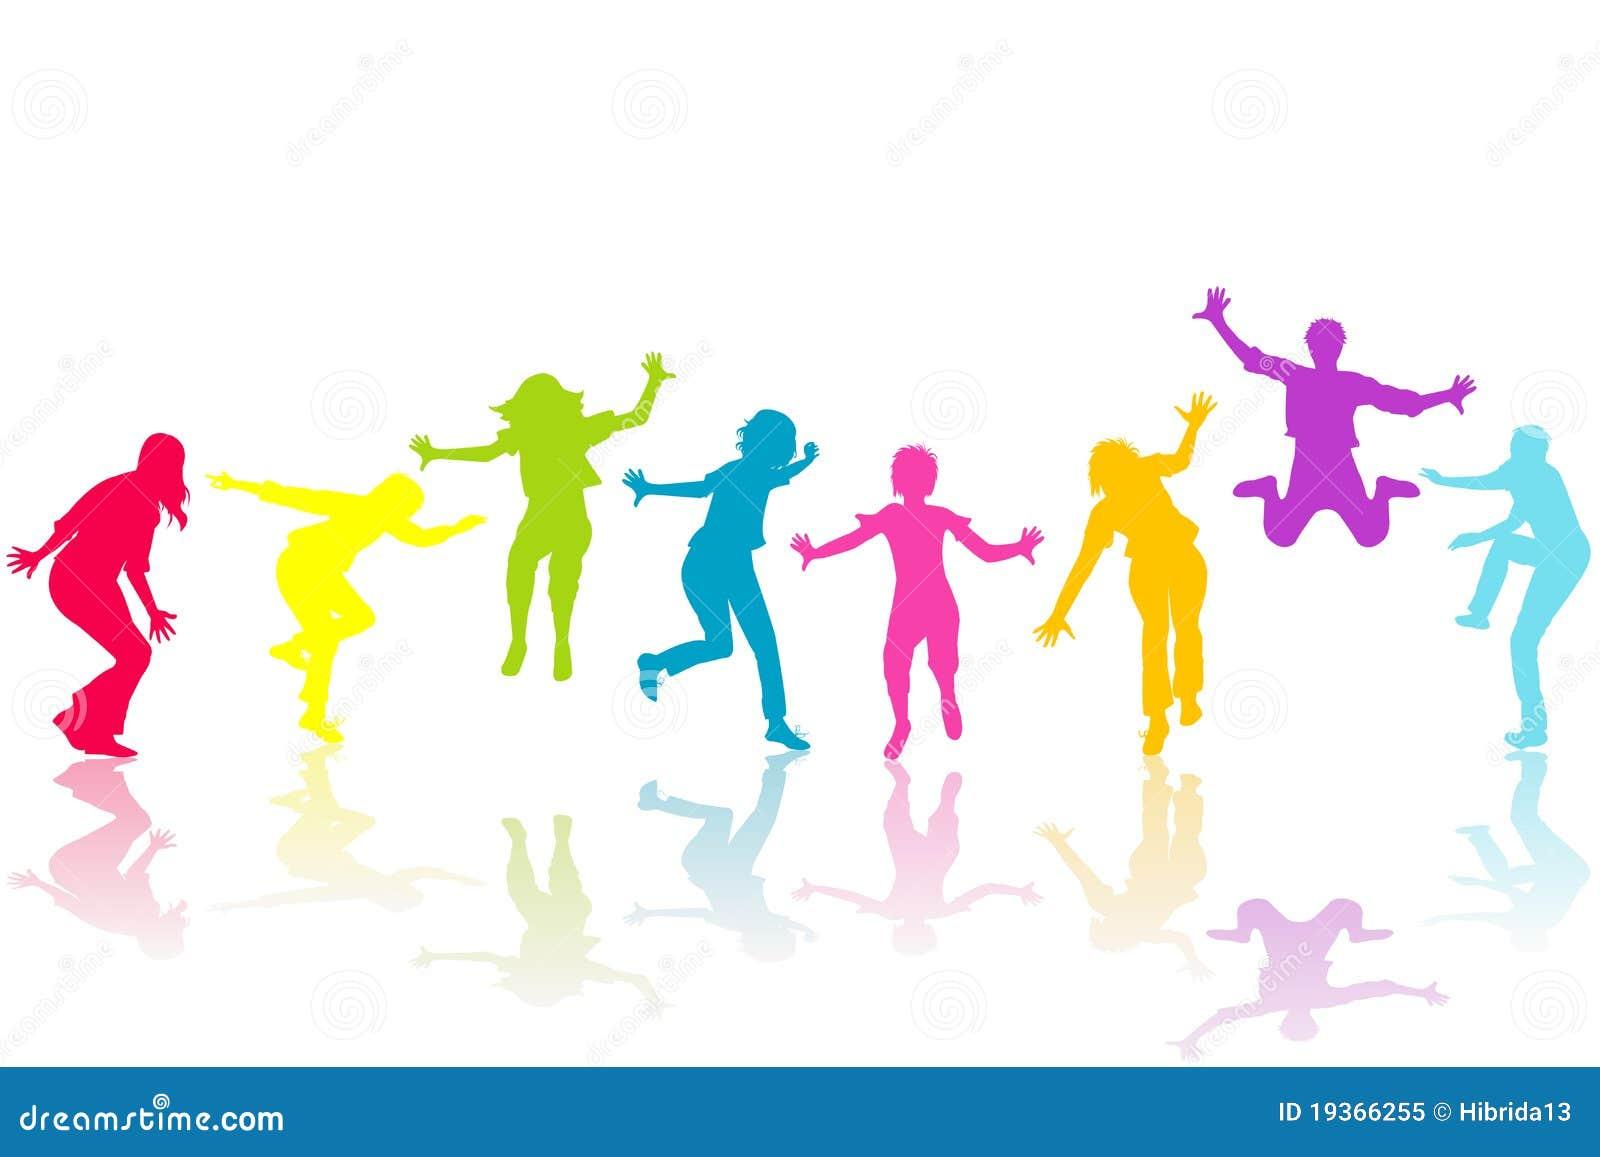 A mão afoga silhuetas coloridas crianças